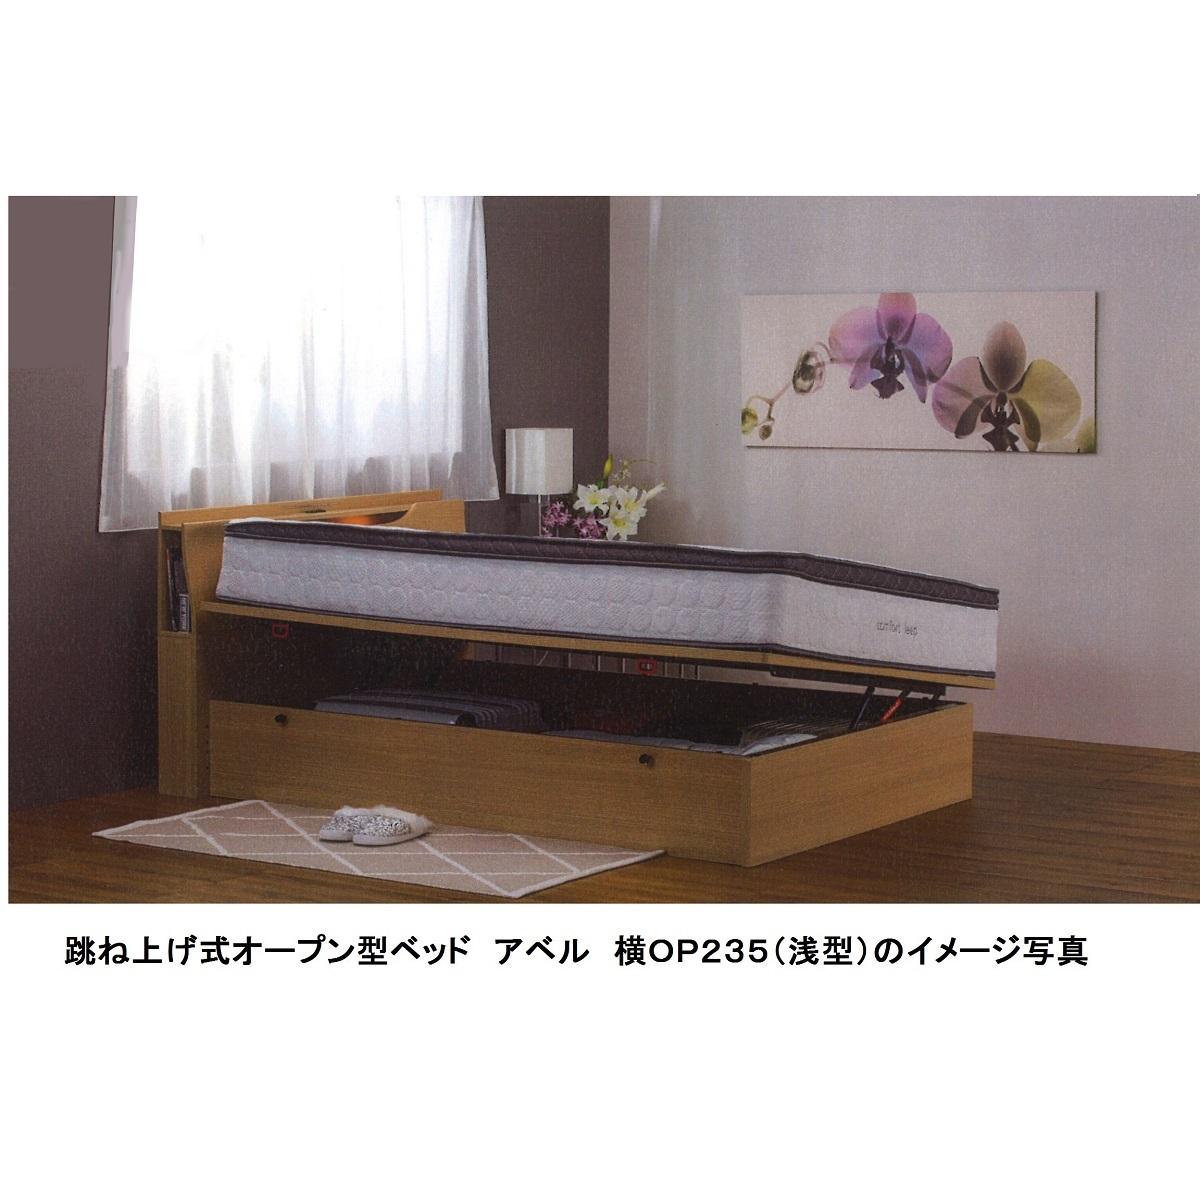 宮付きシングルベッド アベルステーション型(ST)引出無ライト付、コンセント付2色対応(DO色・NA色)床板:合板スノコ使用マット別売要在庫確認